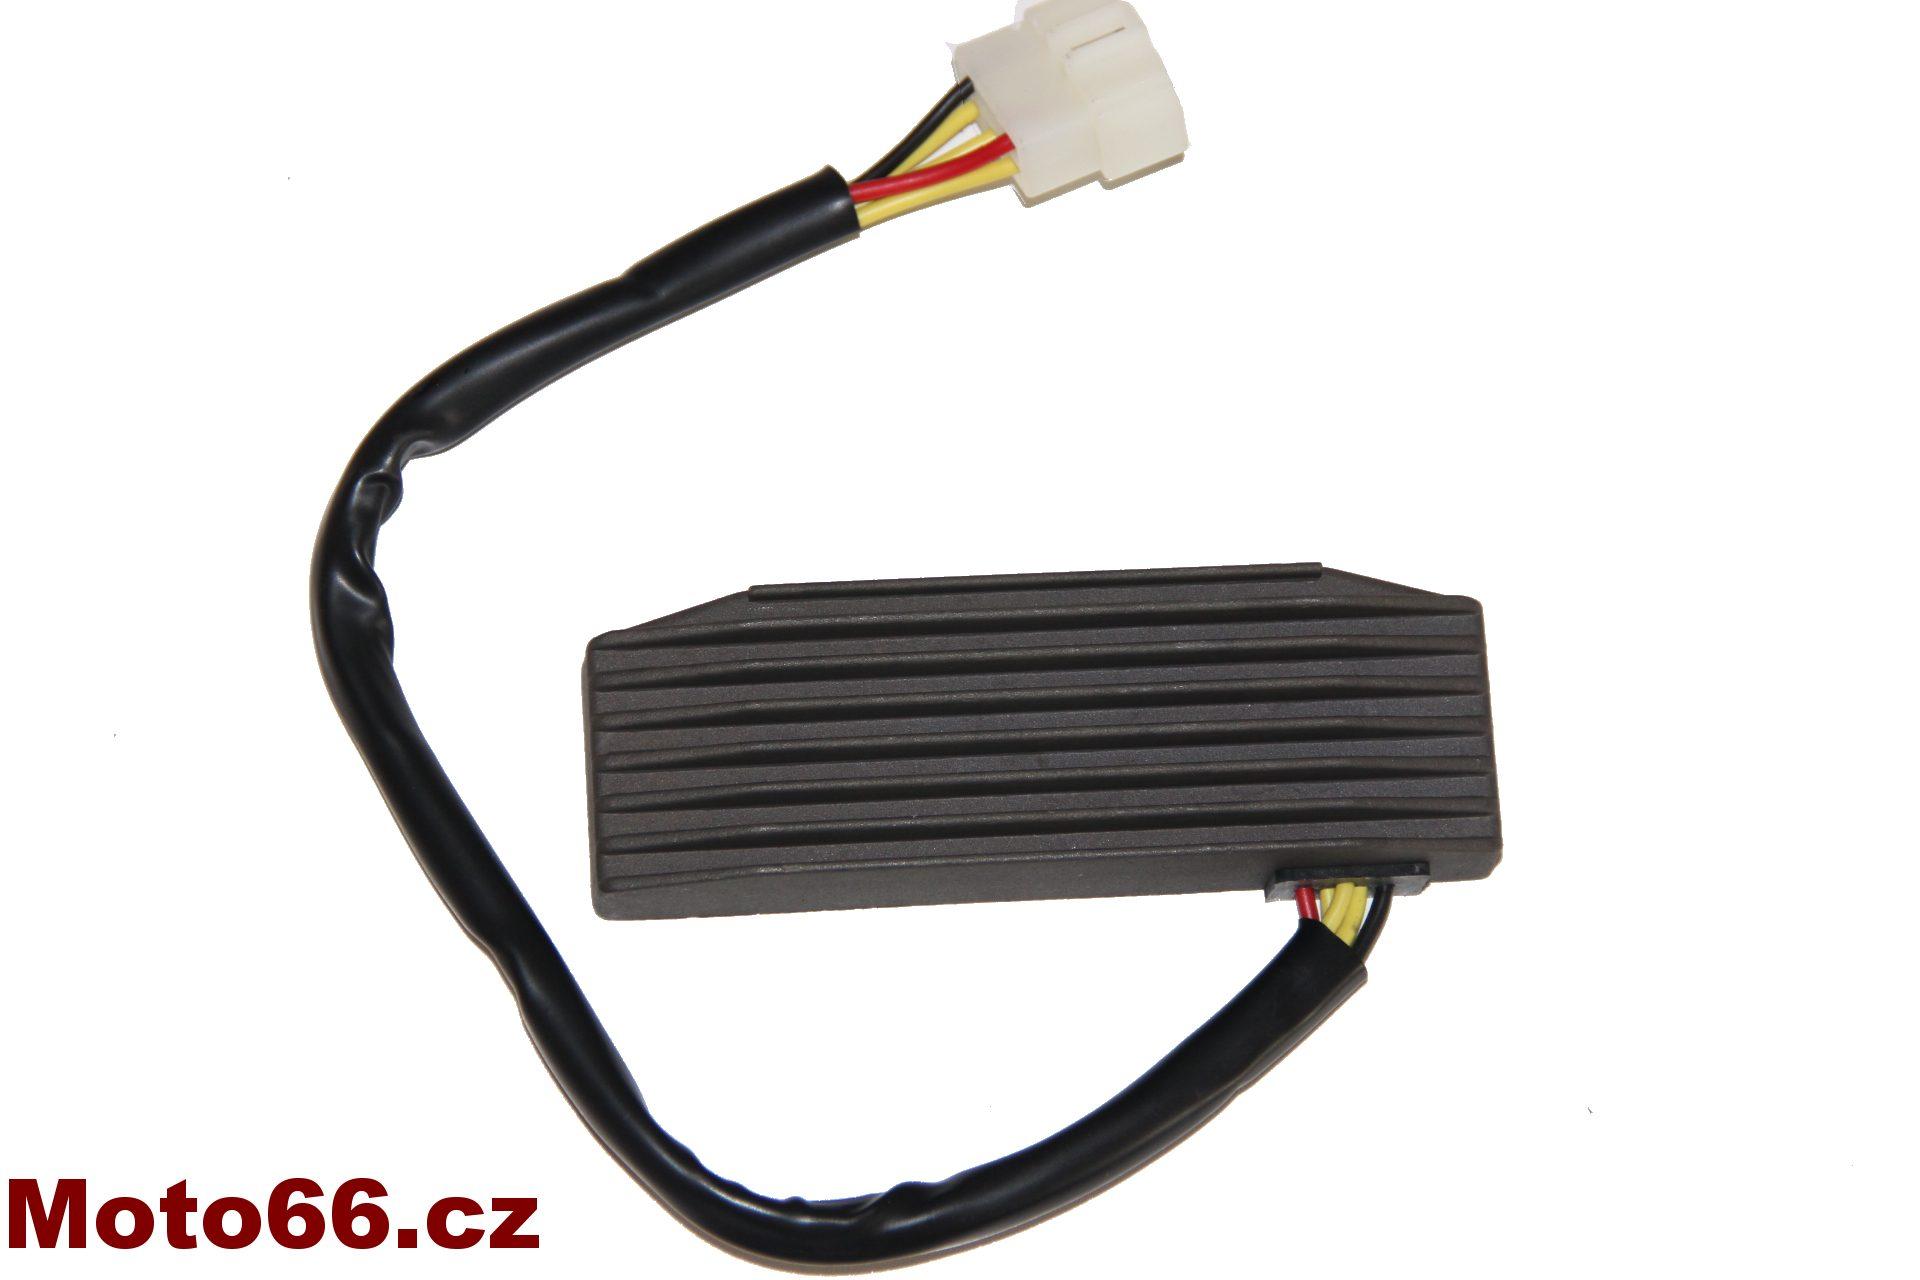 Regulátor dobíjení Suzuki VS 1400 VS 600 VS 800 Intruder